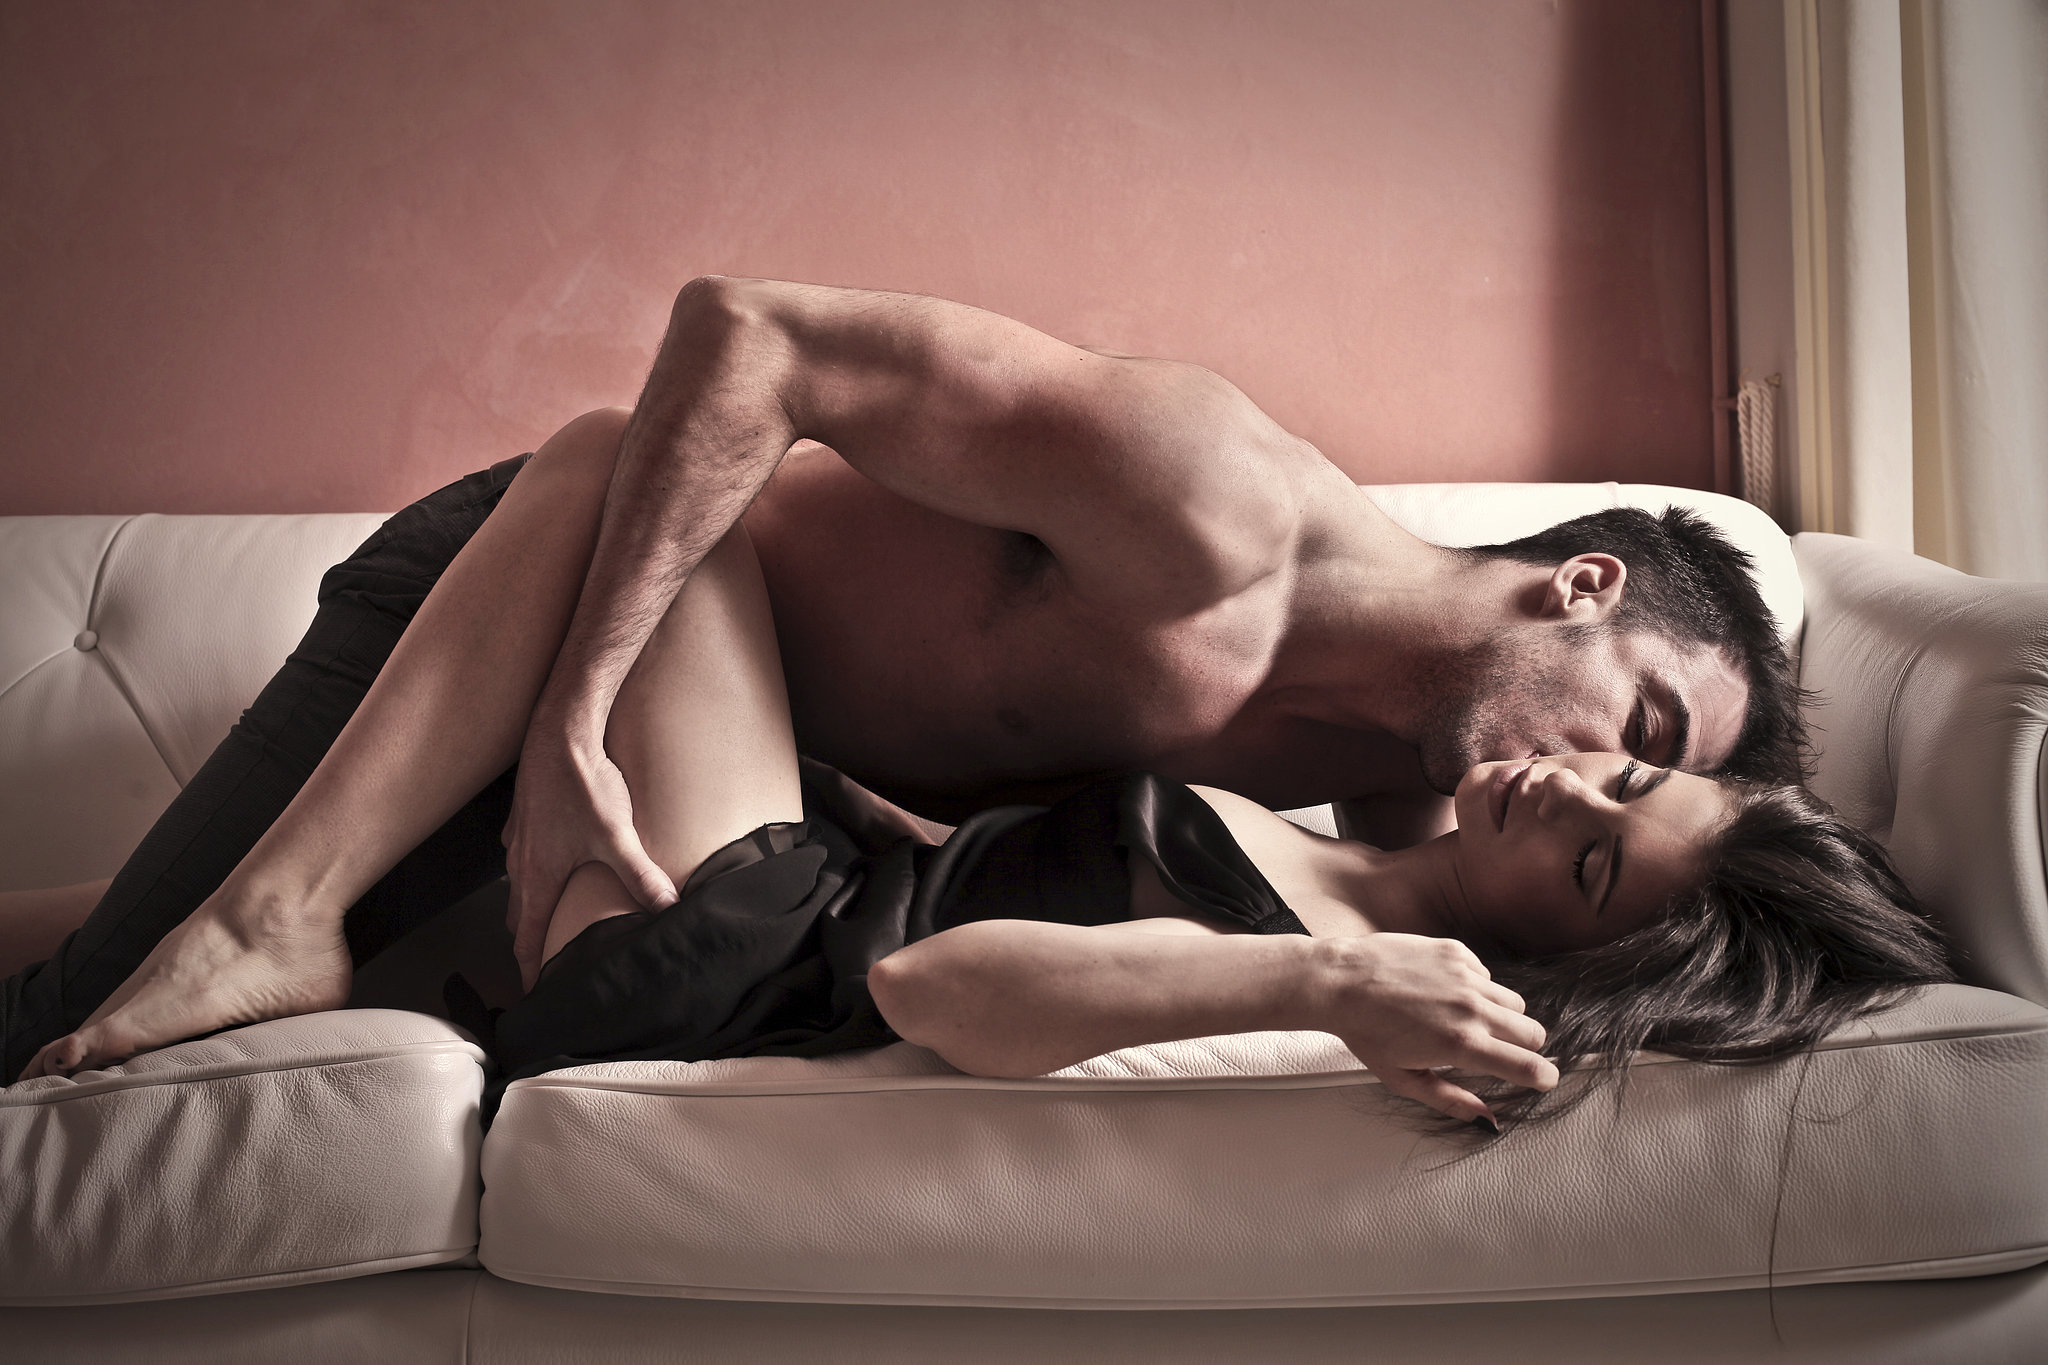 Фото ласки секс 3 фотография